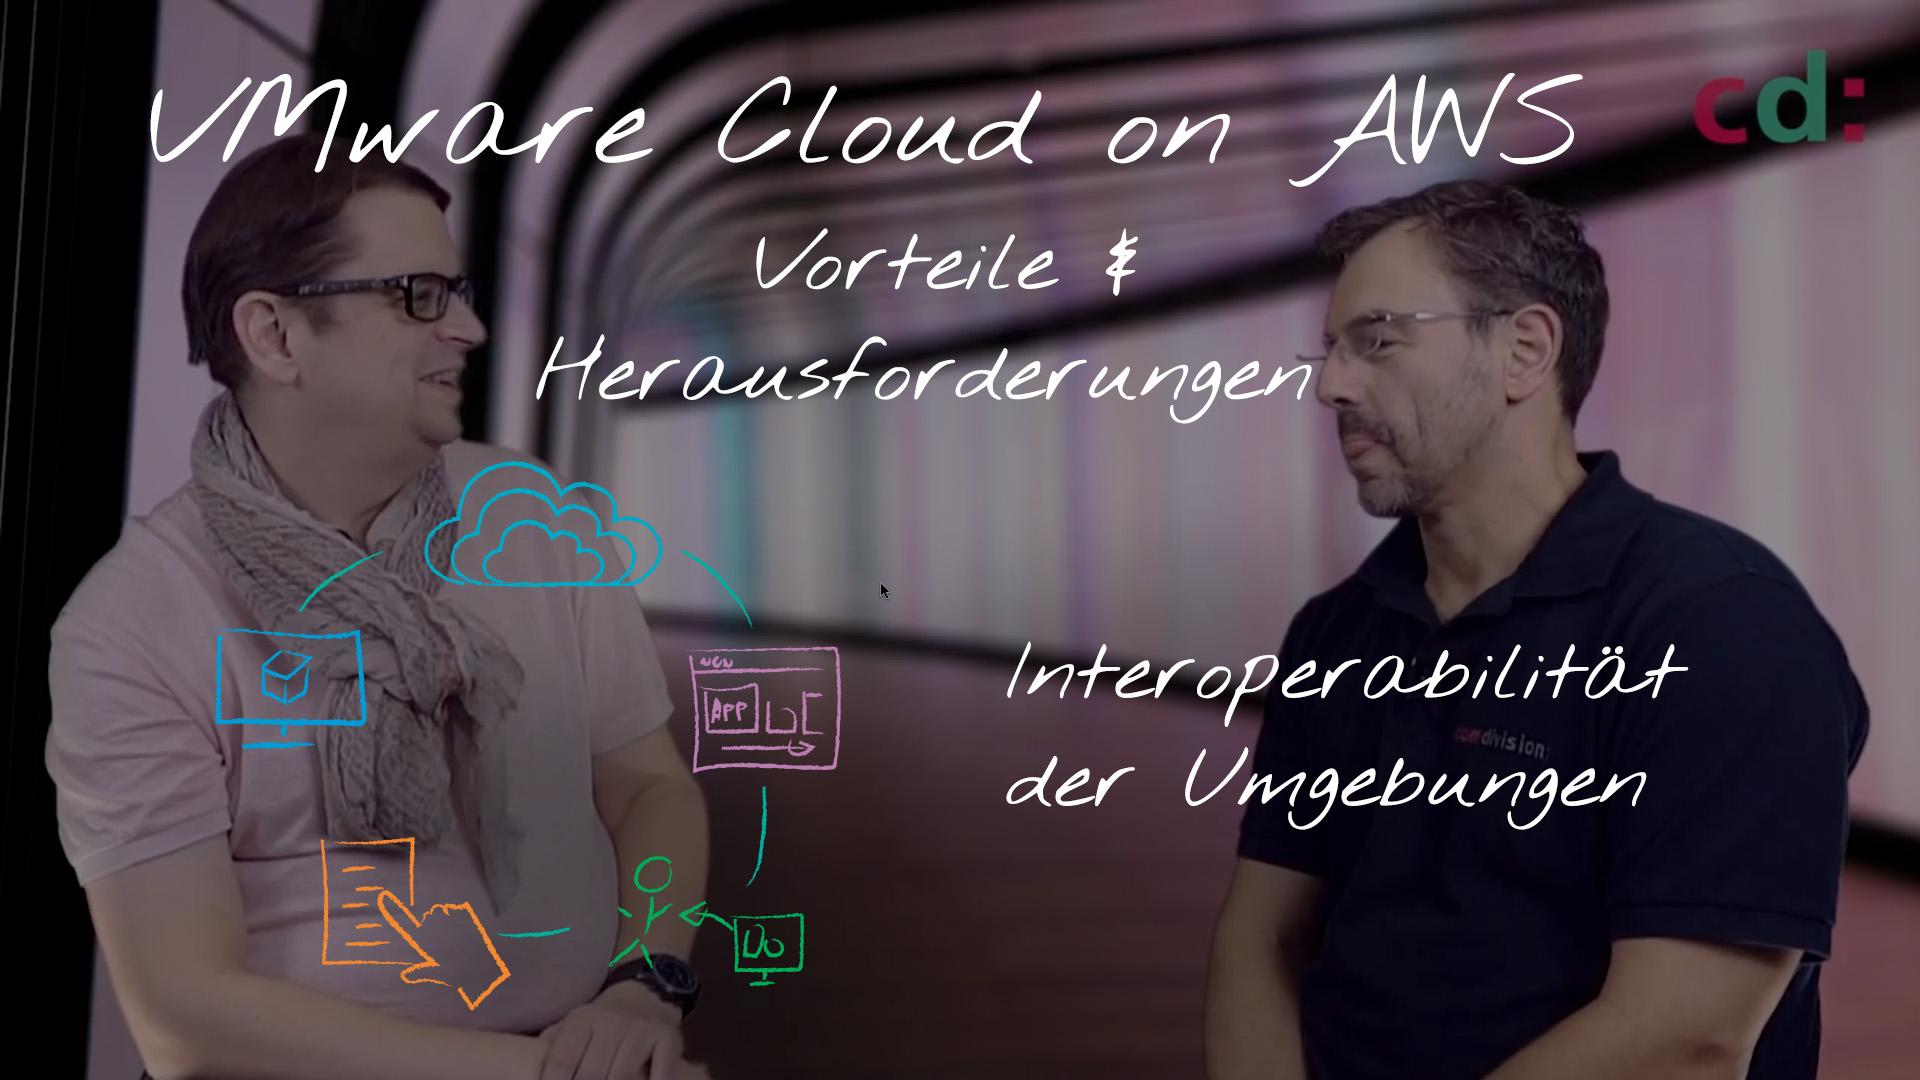 VMware Cloud on AWS – Interoperabilität der Umgebungen